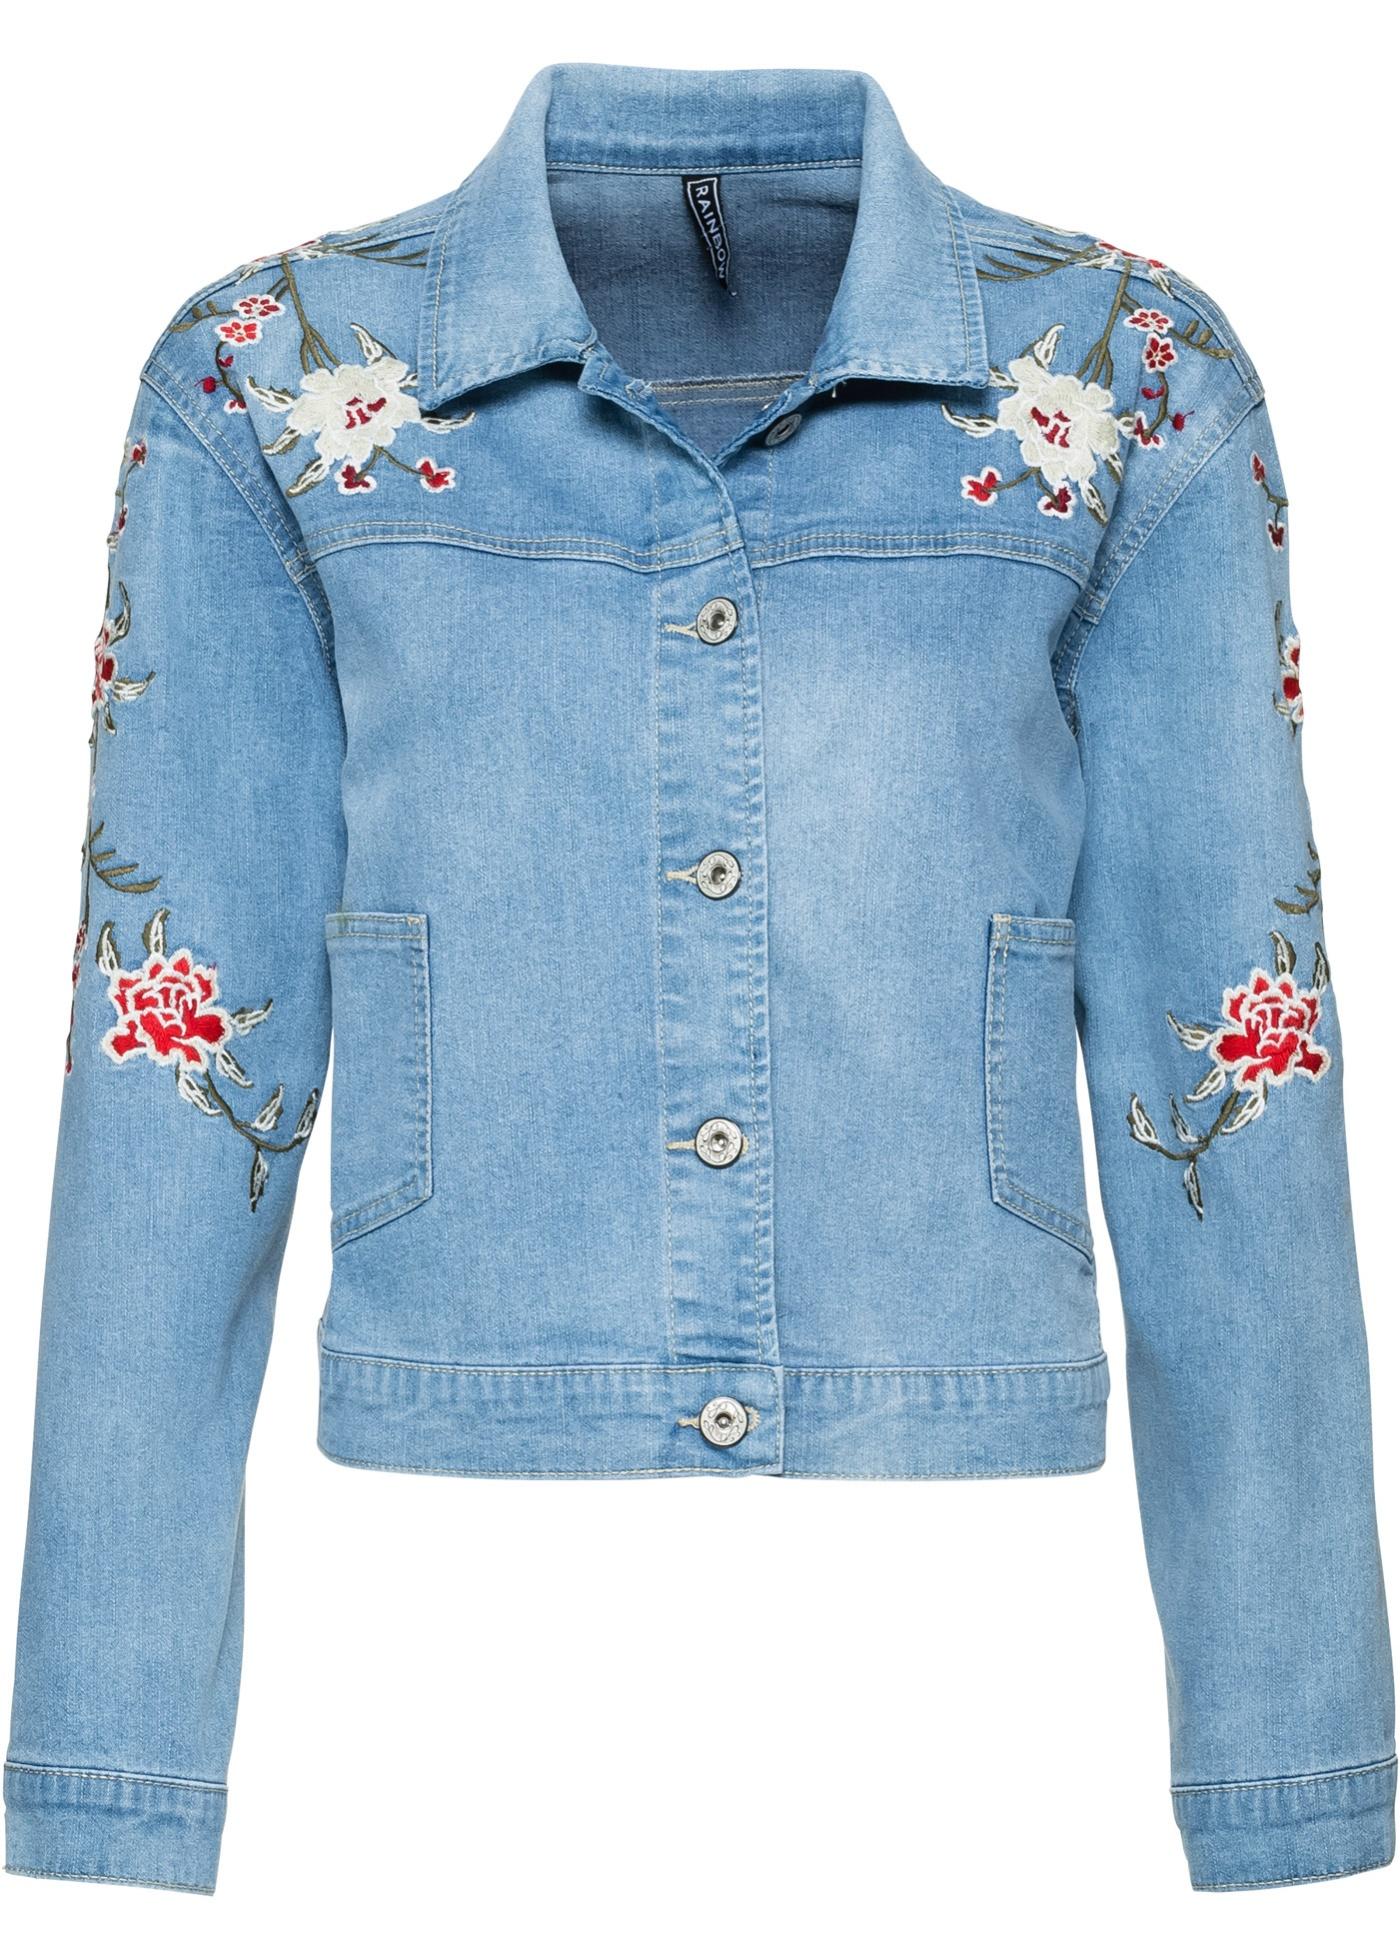 Džínová bunda s výšivkou - Modrá